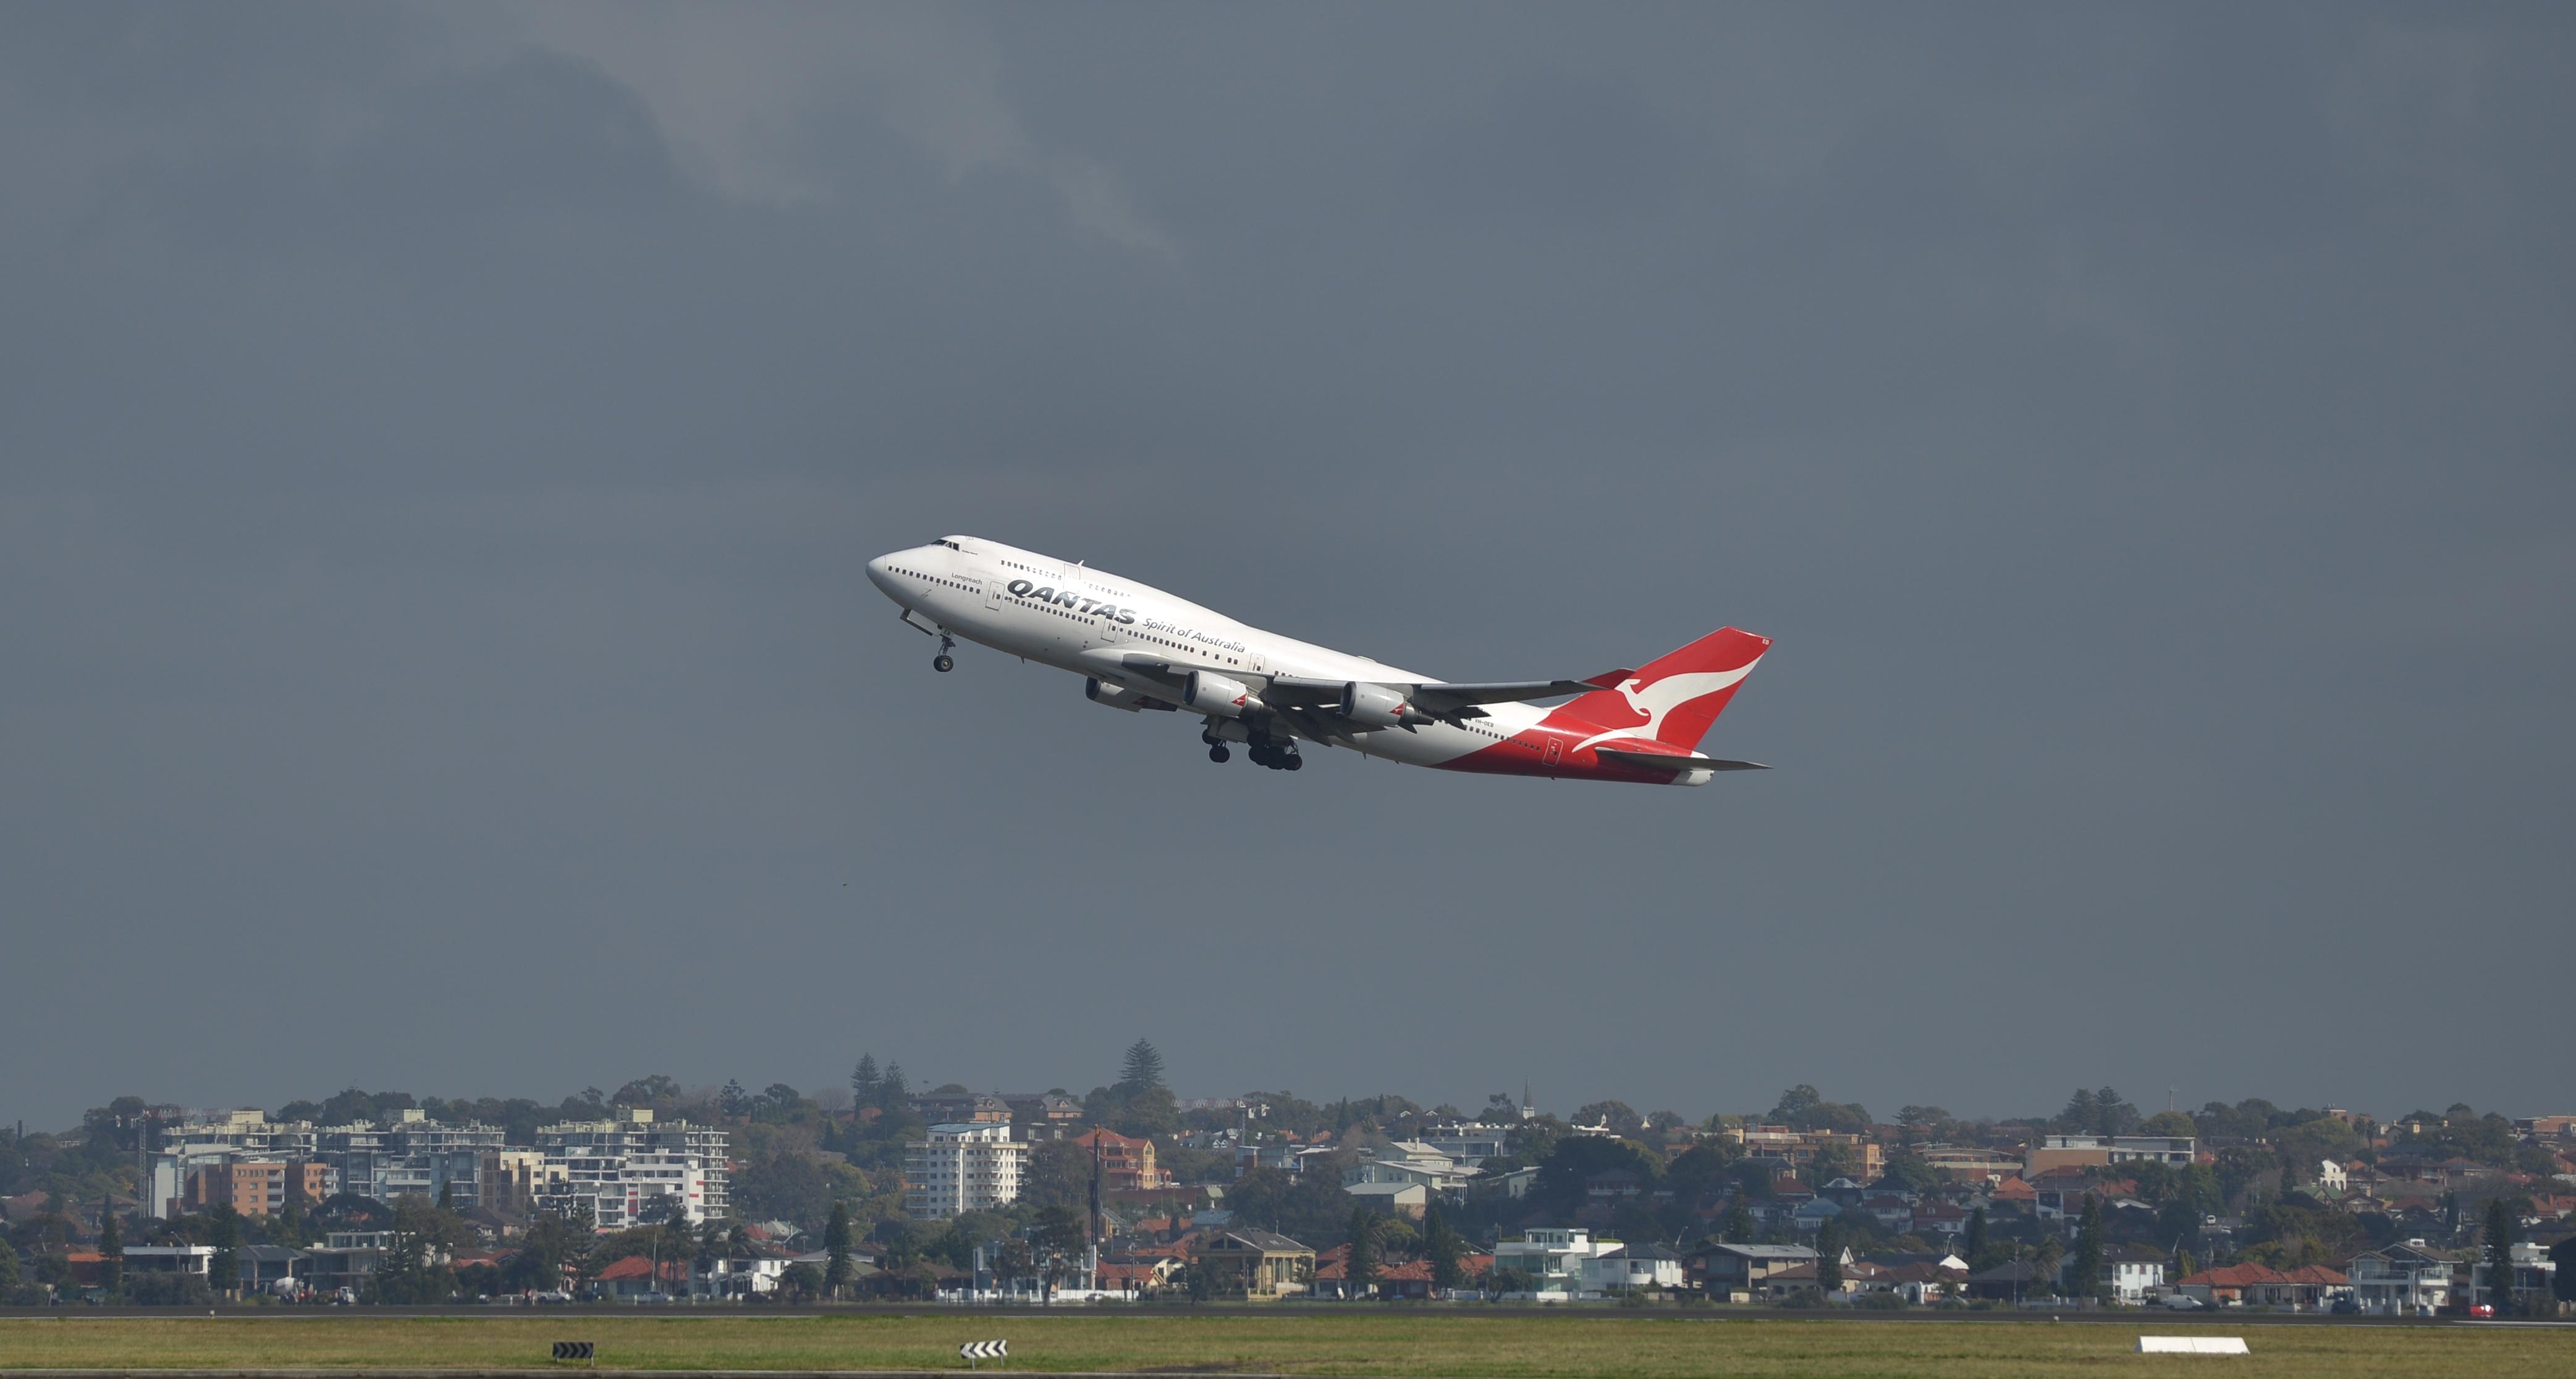 Félrenyomott az Ipaden, odacsapta a Boeinget a pilóta